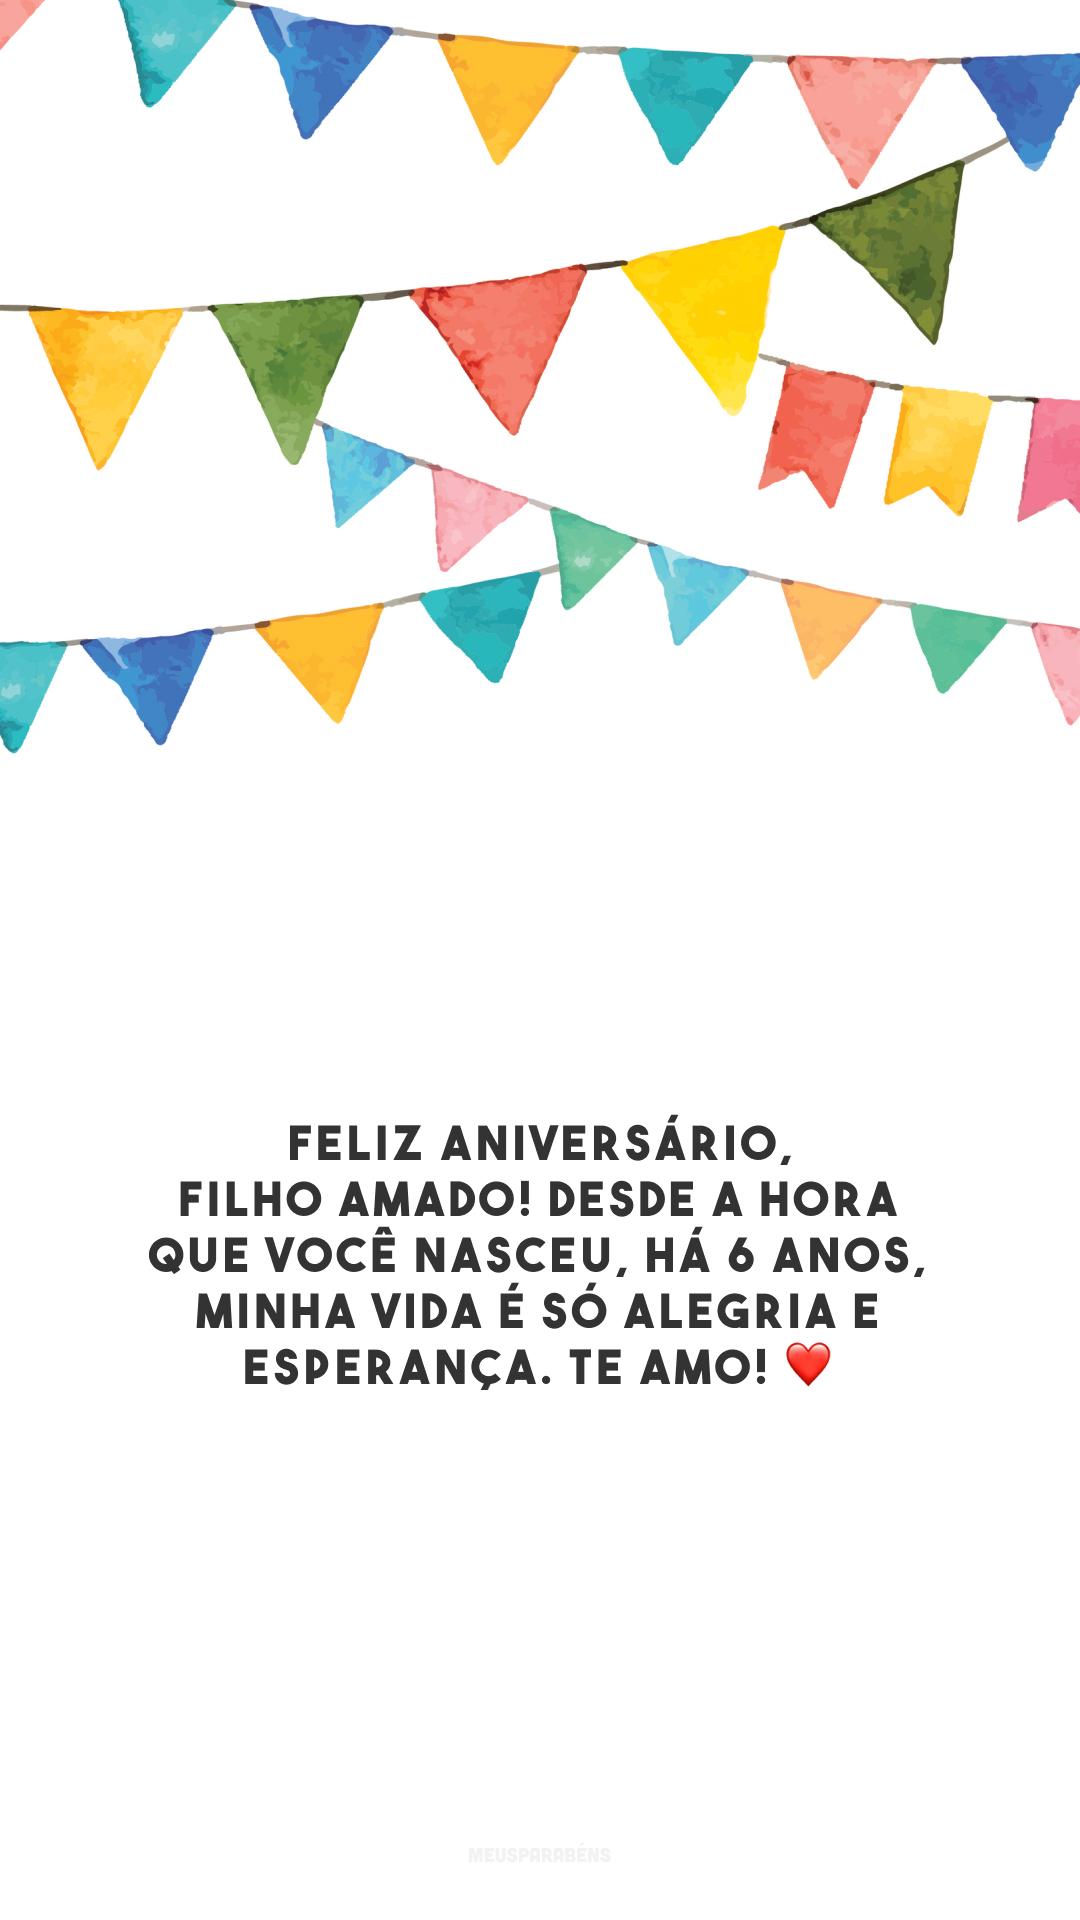 Feliz aniversário, filho amado! Desde a hora que você nasceu, há 6 anos, minha vida é só alegria e esperança. Te amo! ❤️